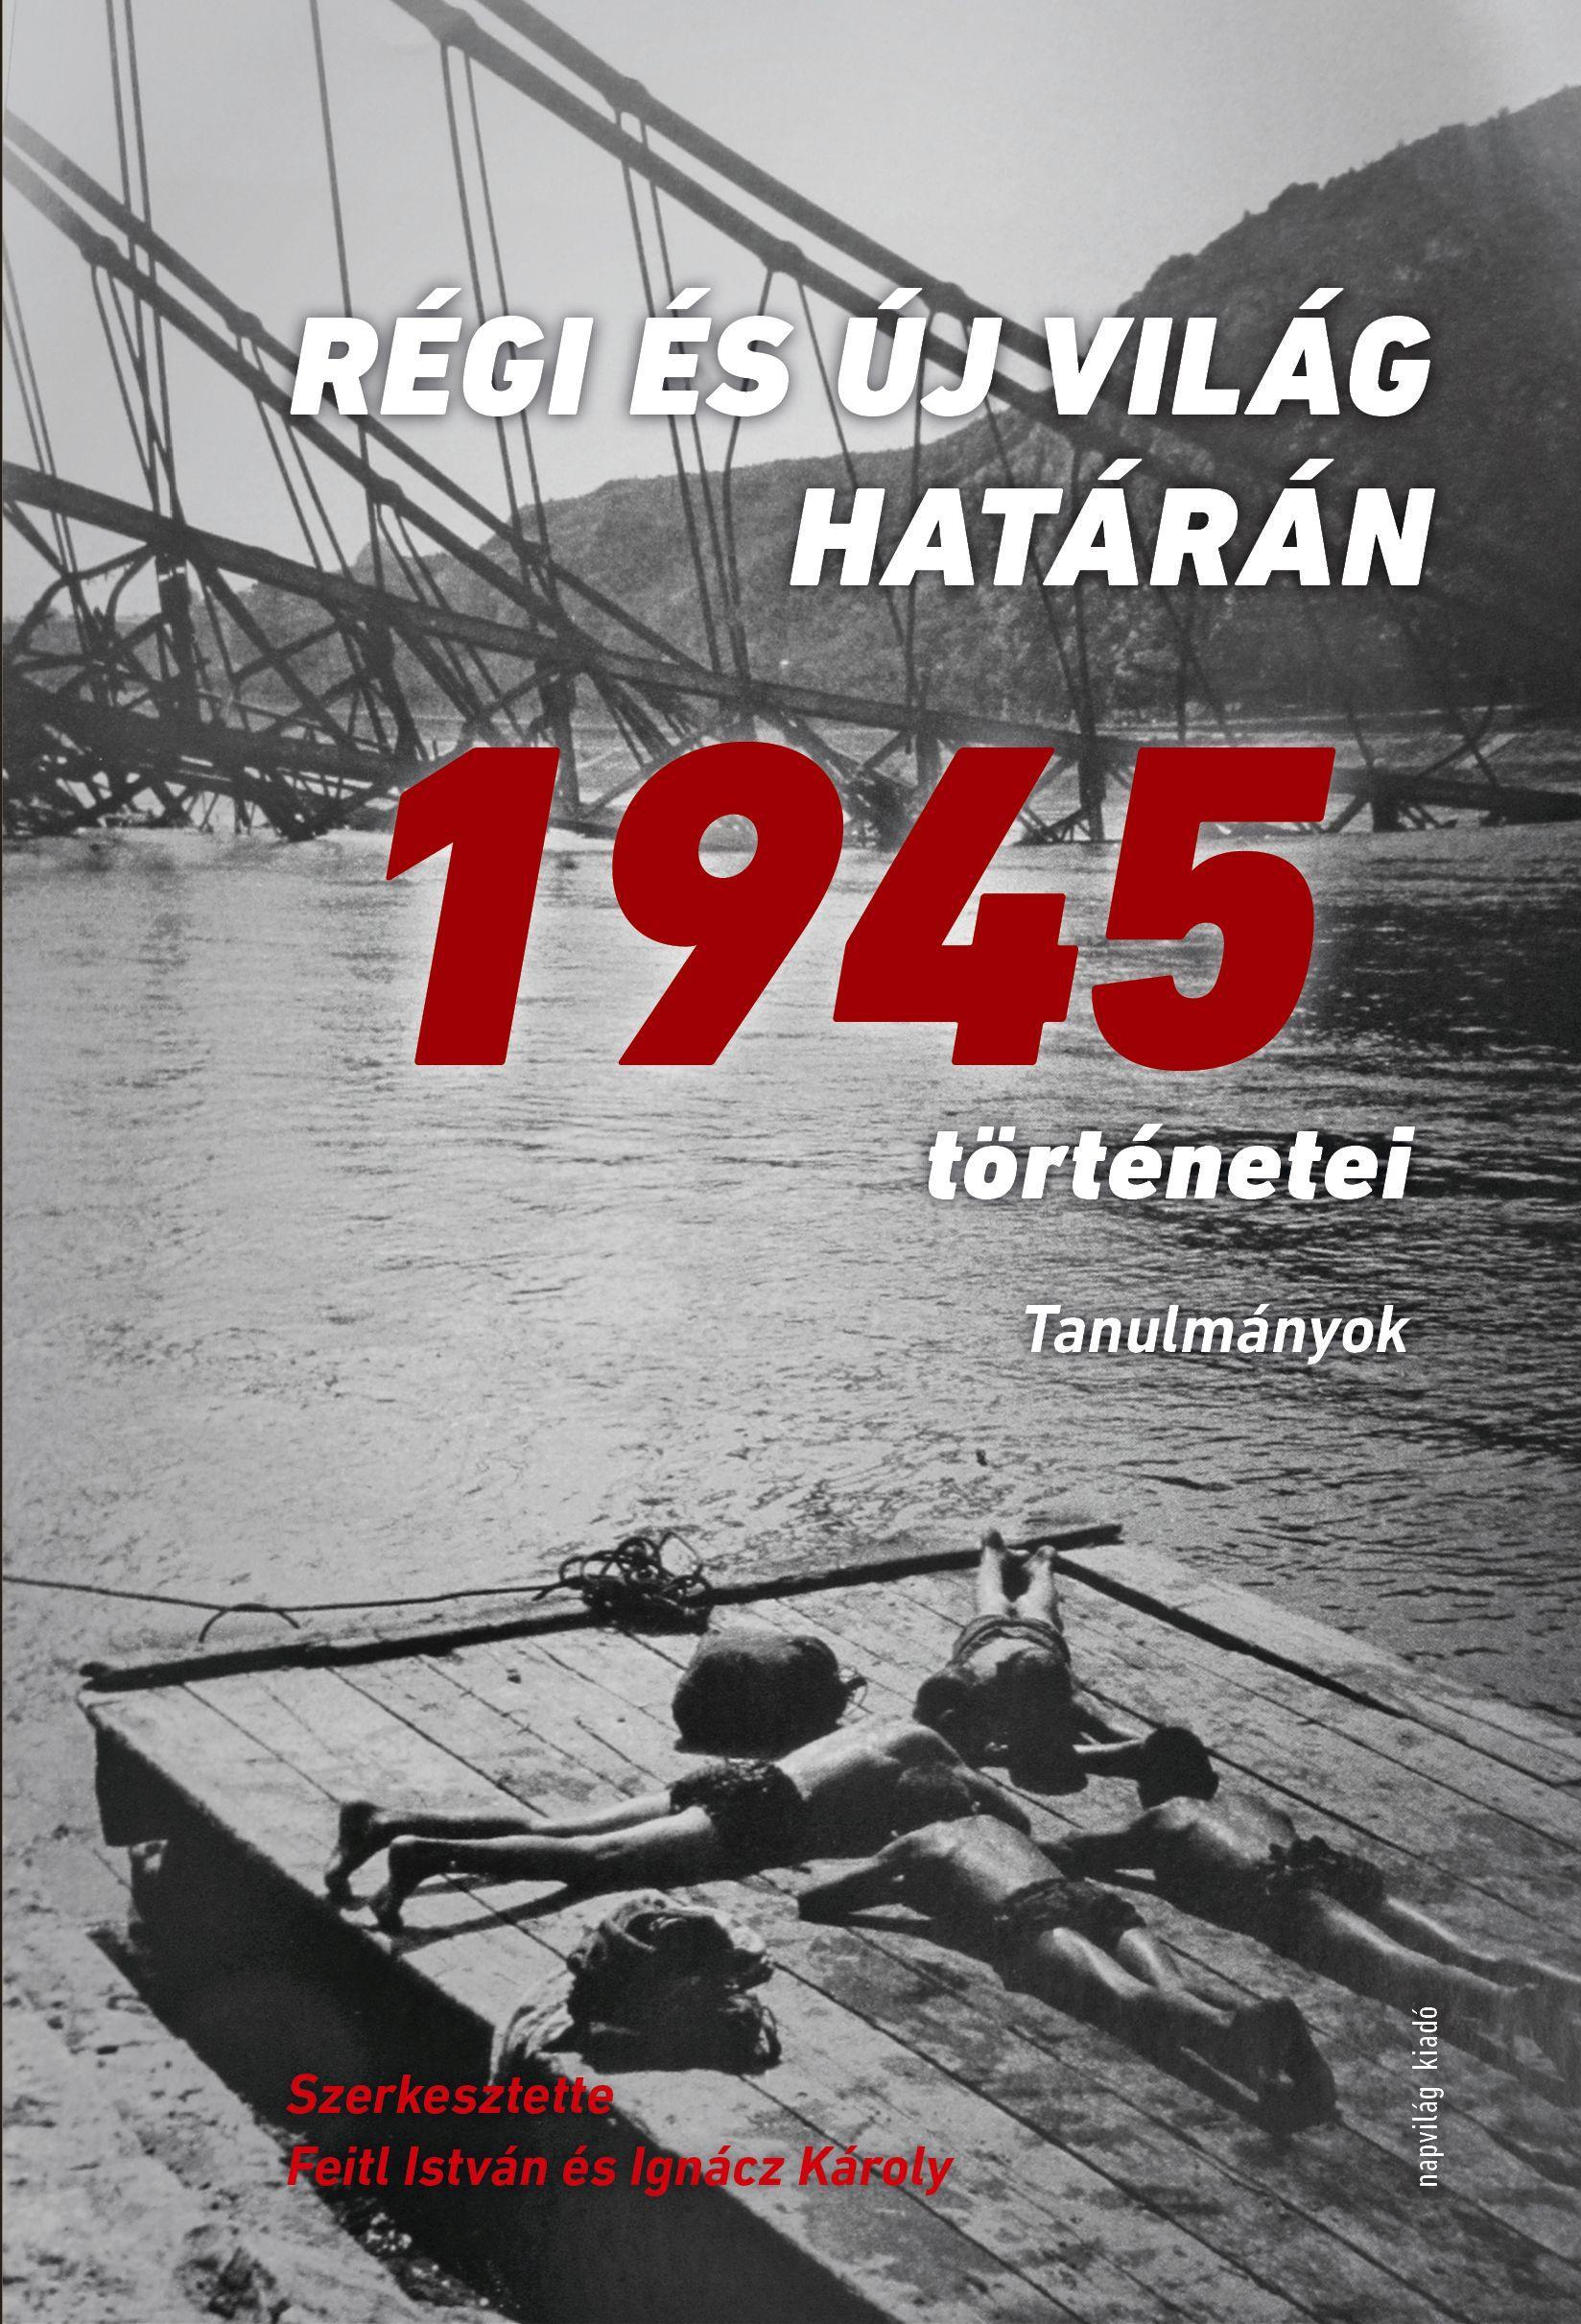 RÉGI ÉS ÚJ VILÁG HATÁRÁN - 1945 TÖRTÉNETEI - ÜKH 2018